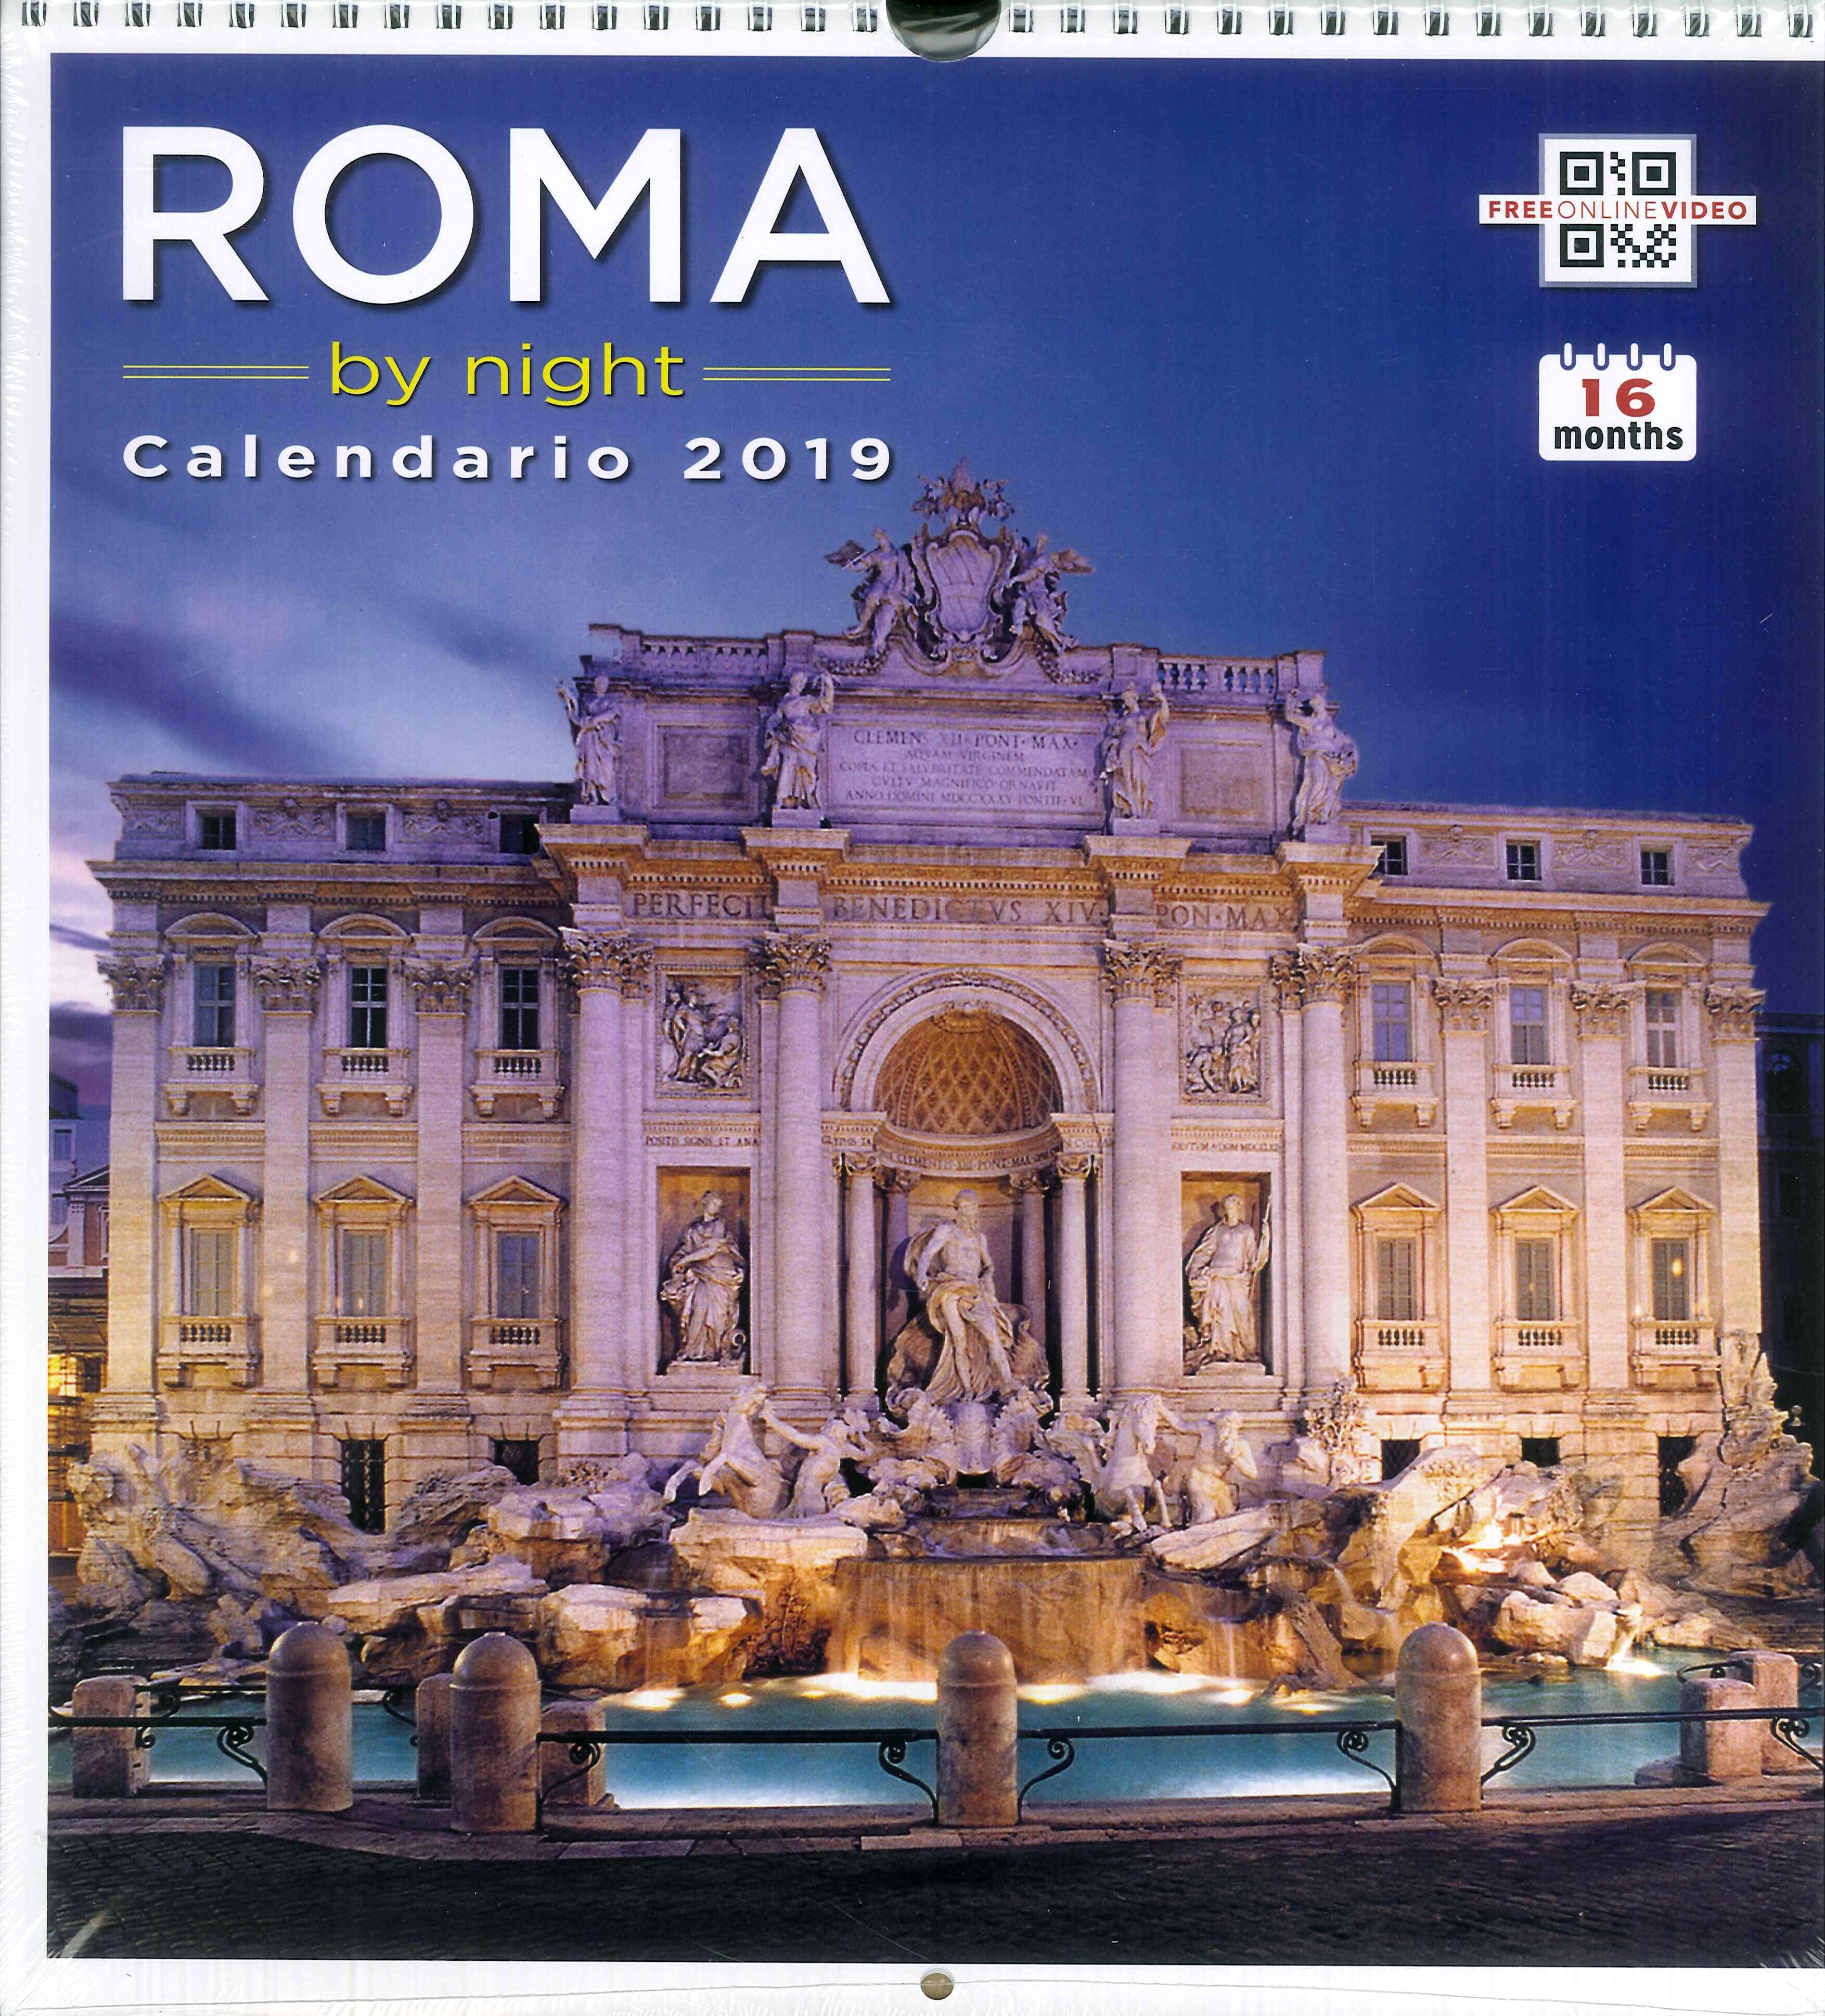 Calendario As Roma 2019.9788884381446 2016 Roma By Night Calendario Grande 2019